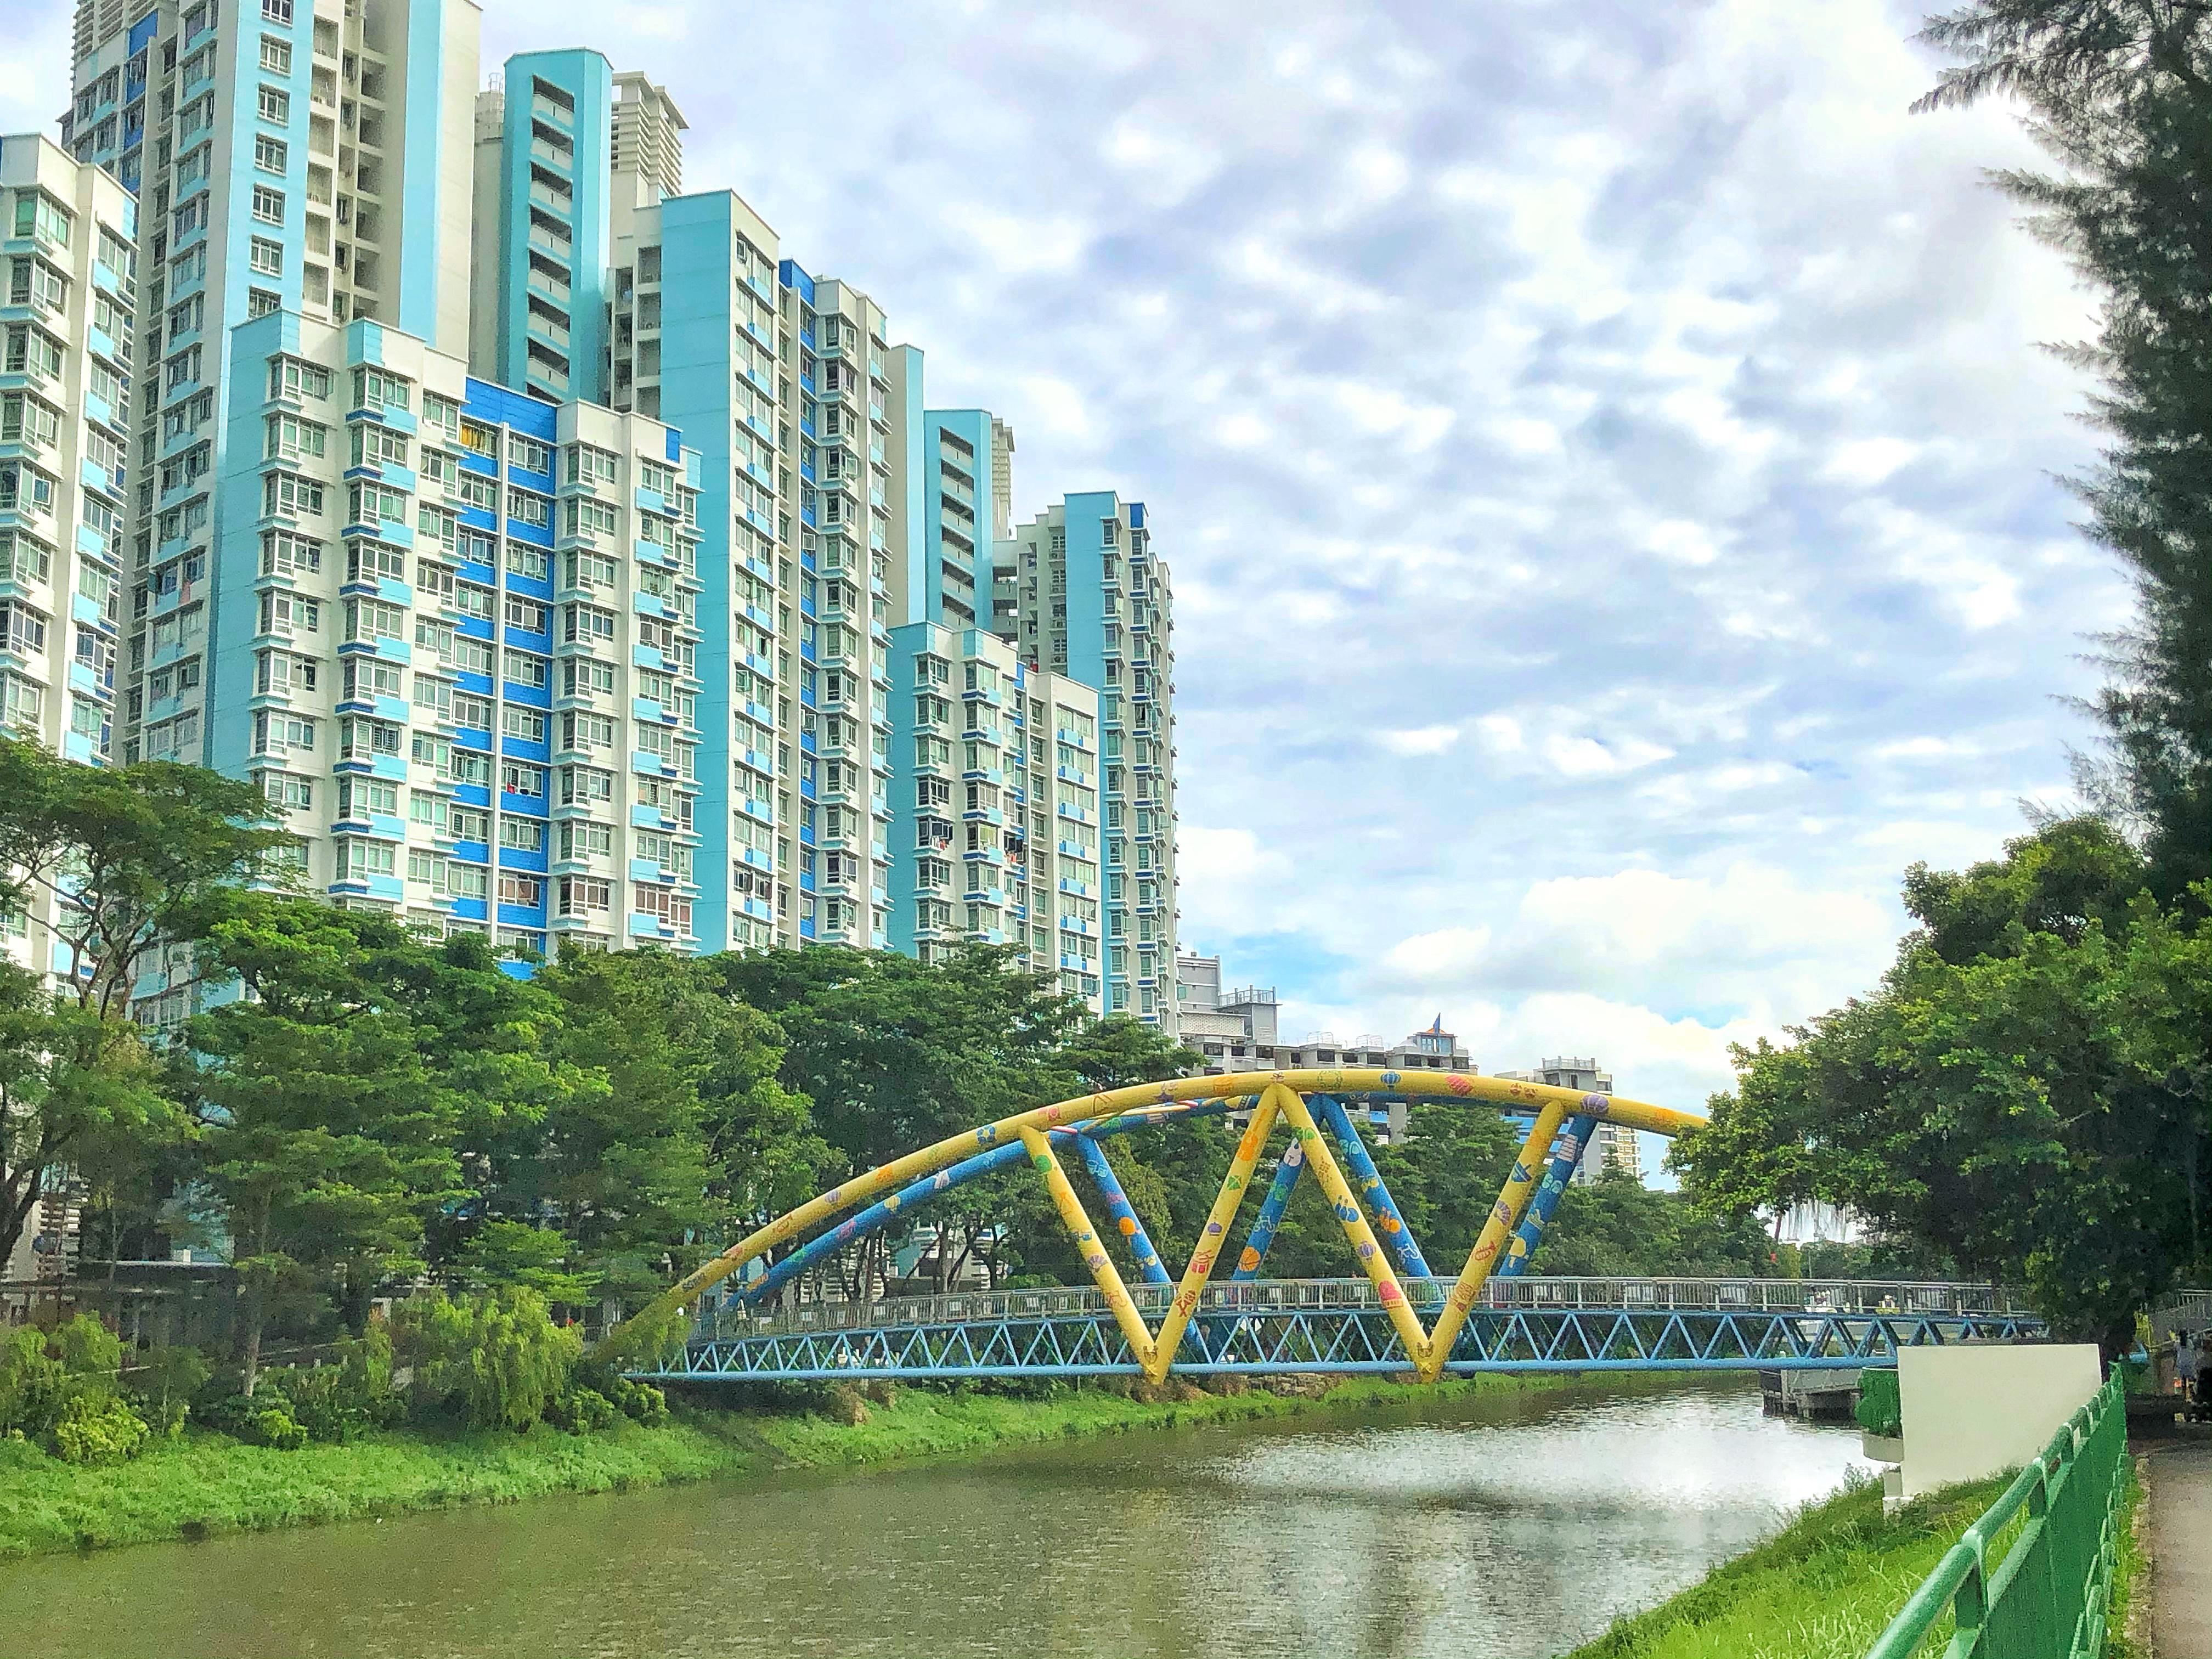 Bendemeer Bridge -